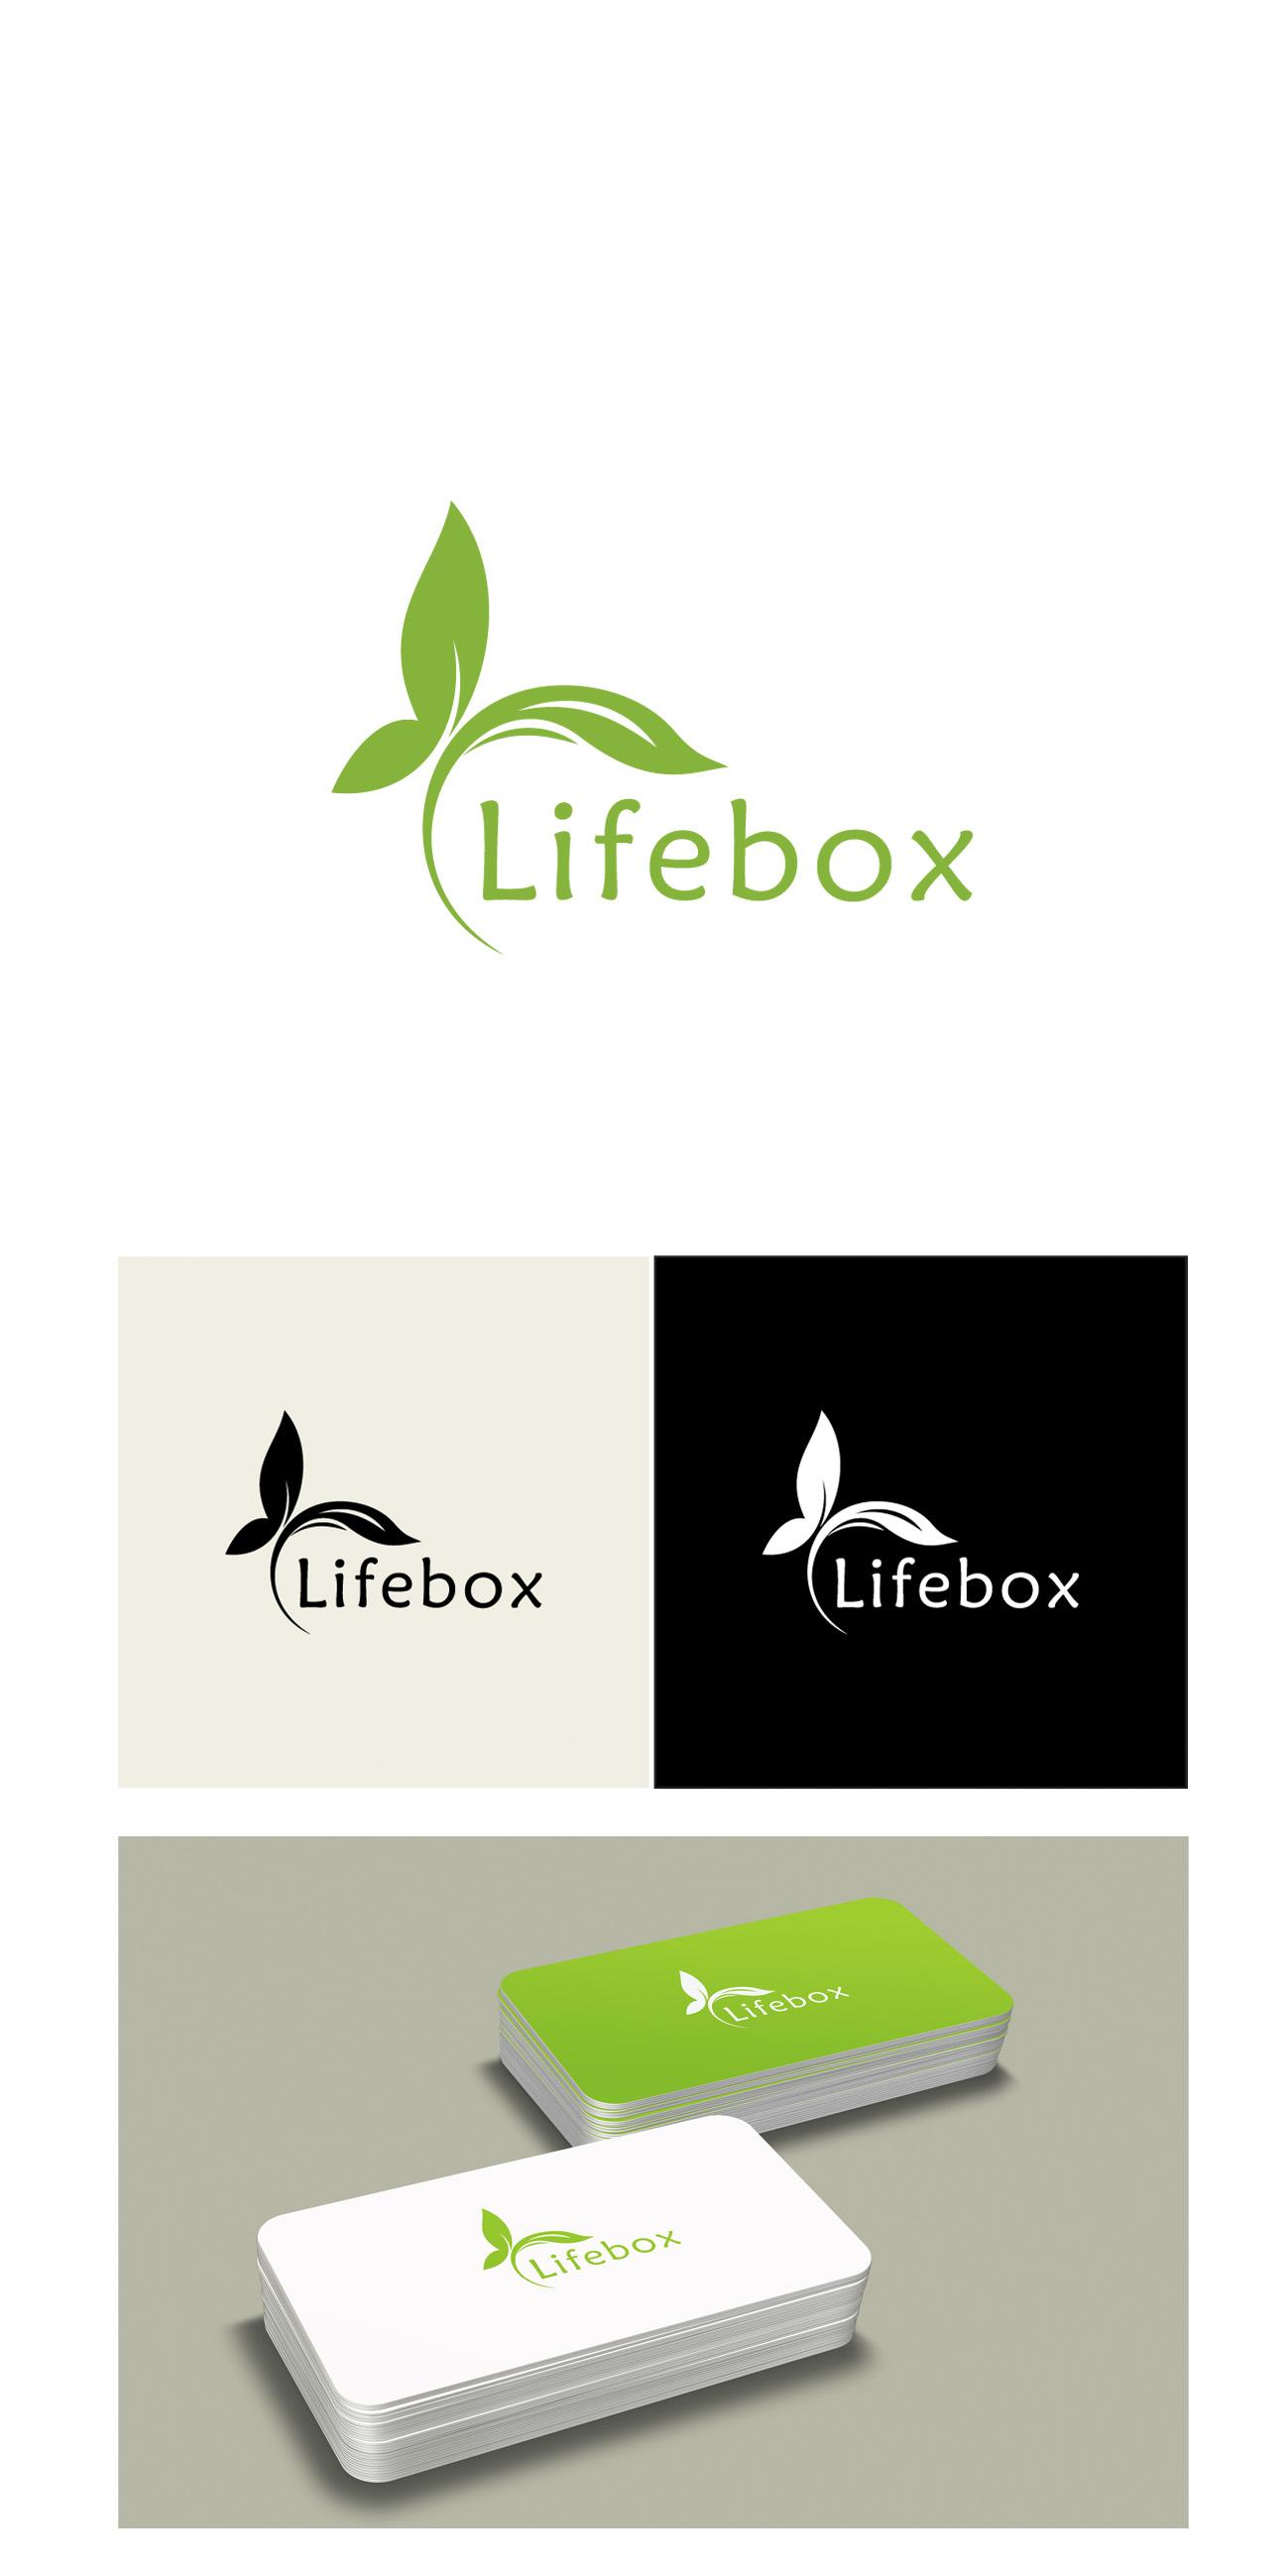 Разработка Логотипа. Победитель получит расширеный заказ  фото f_9845c351fe6e4b99.jpg